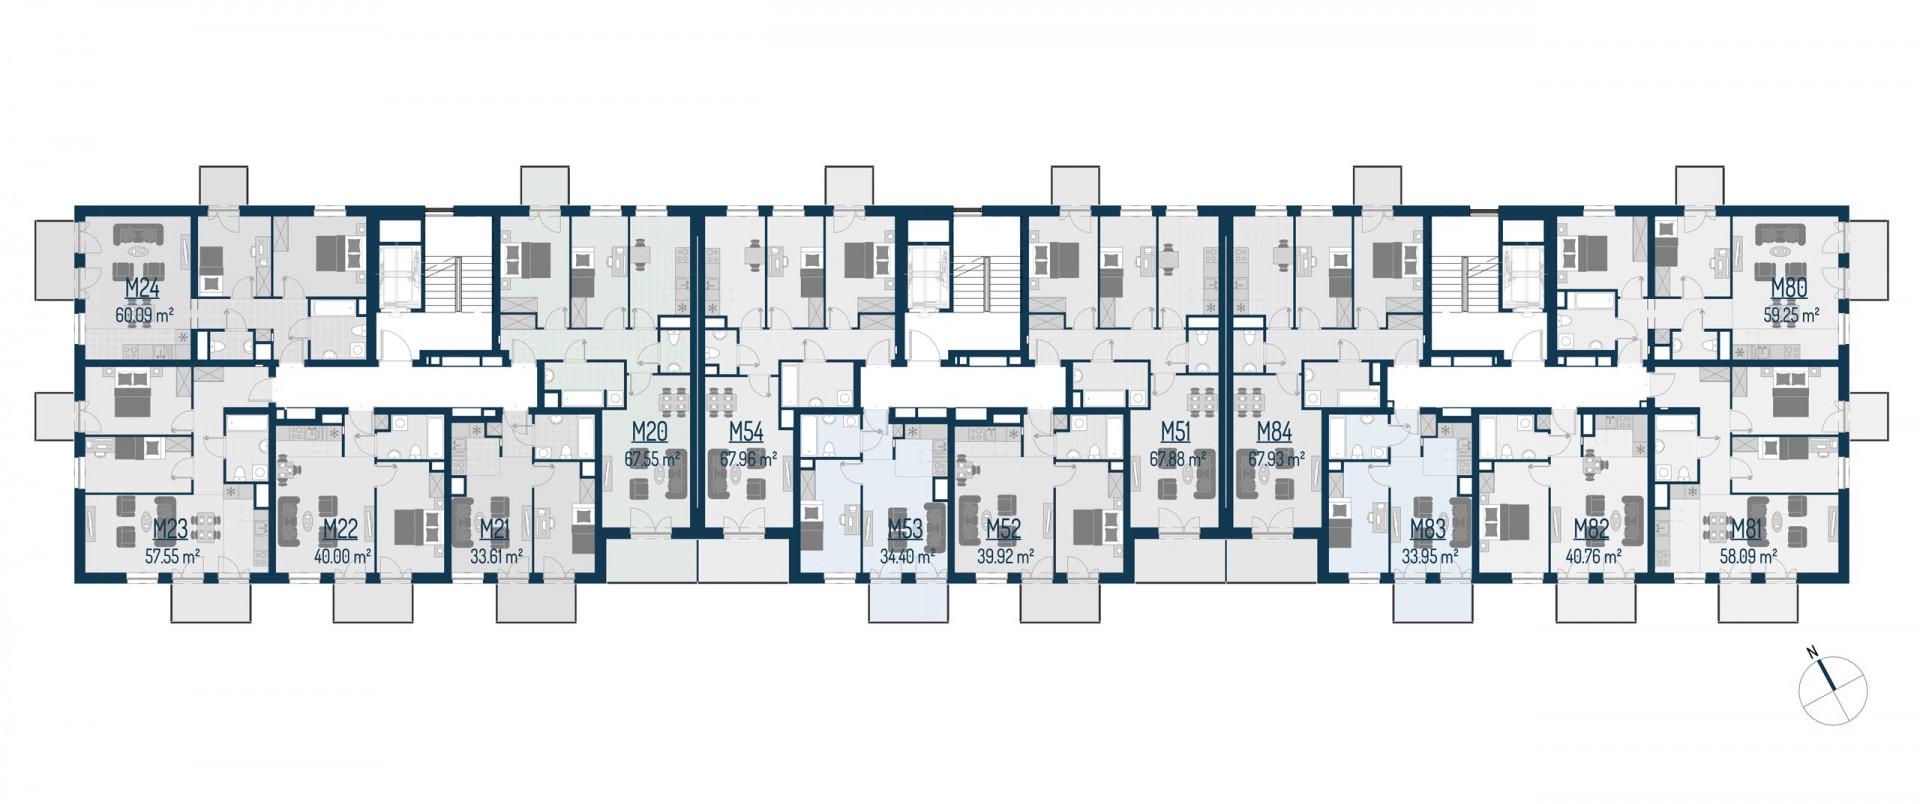 Zdrowe Stylove / budynek 1 / mieszkanie nr M84 rzut 2